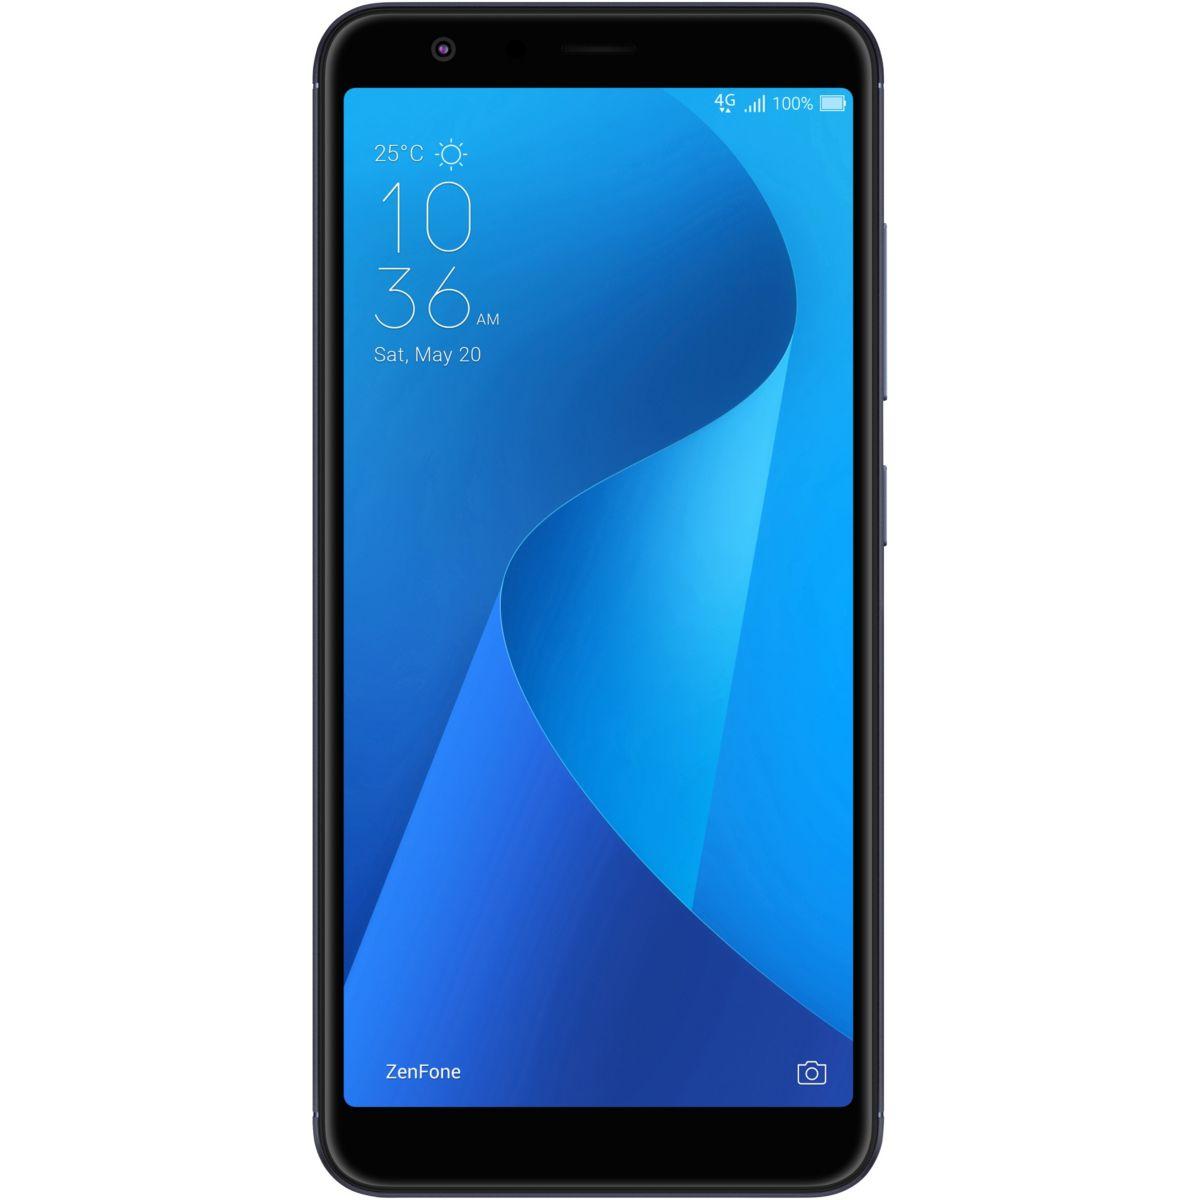 Smartphone ASUS Zenfone Max Plus M1 Navy